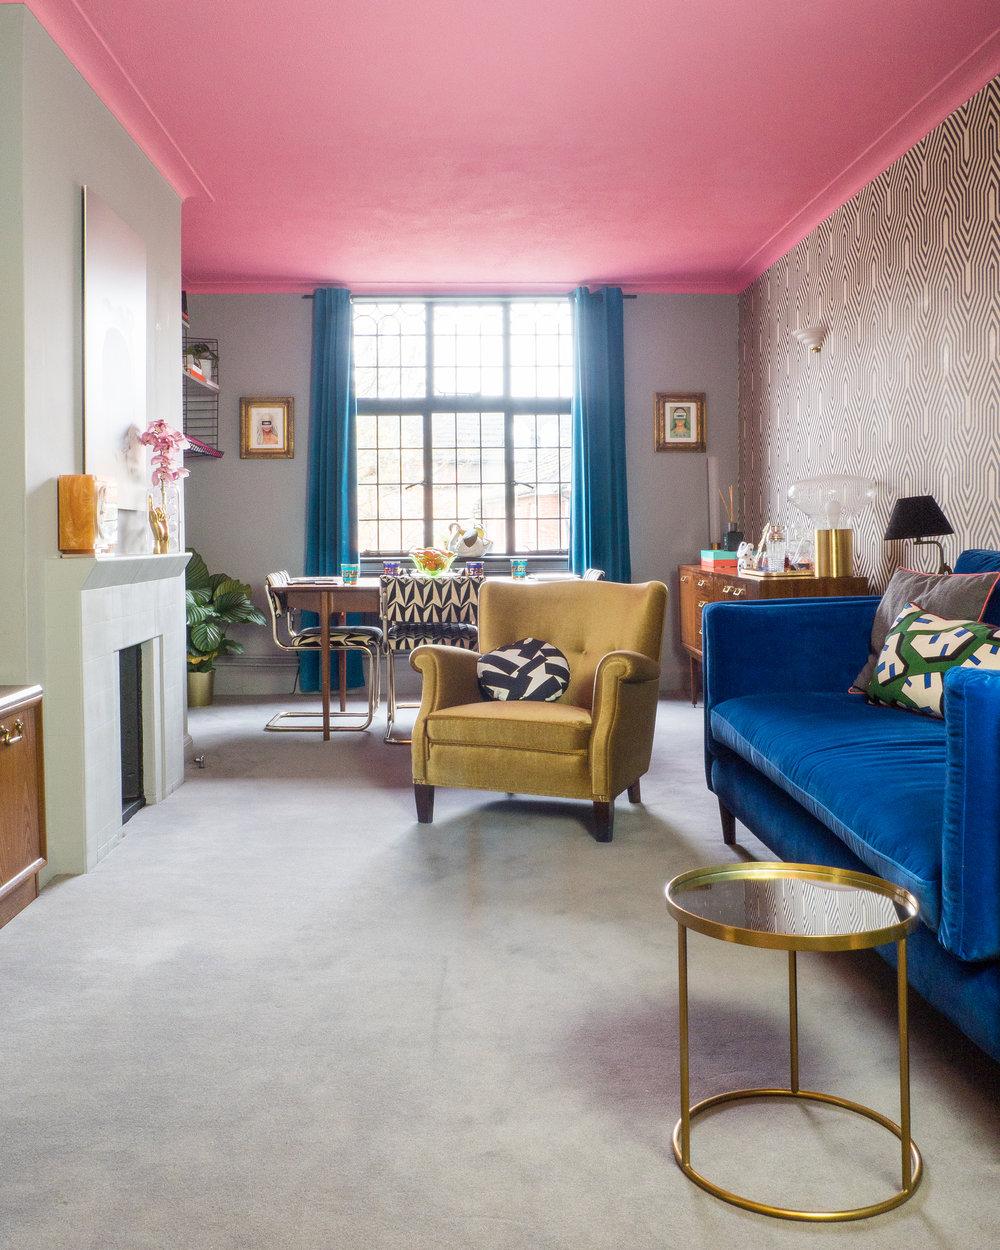 livingroomreveal_SA_HiRes_002.jpg